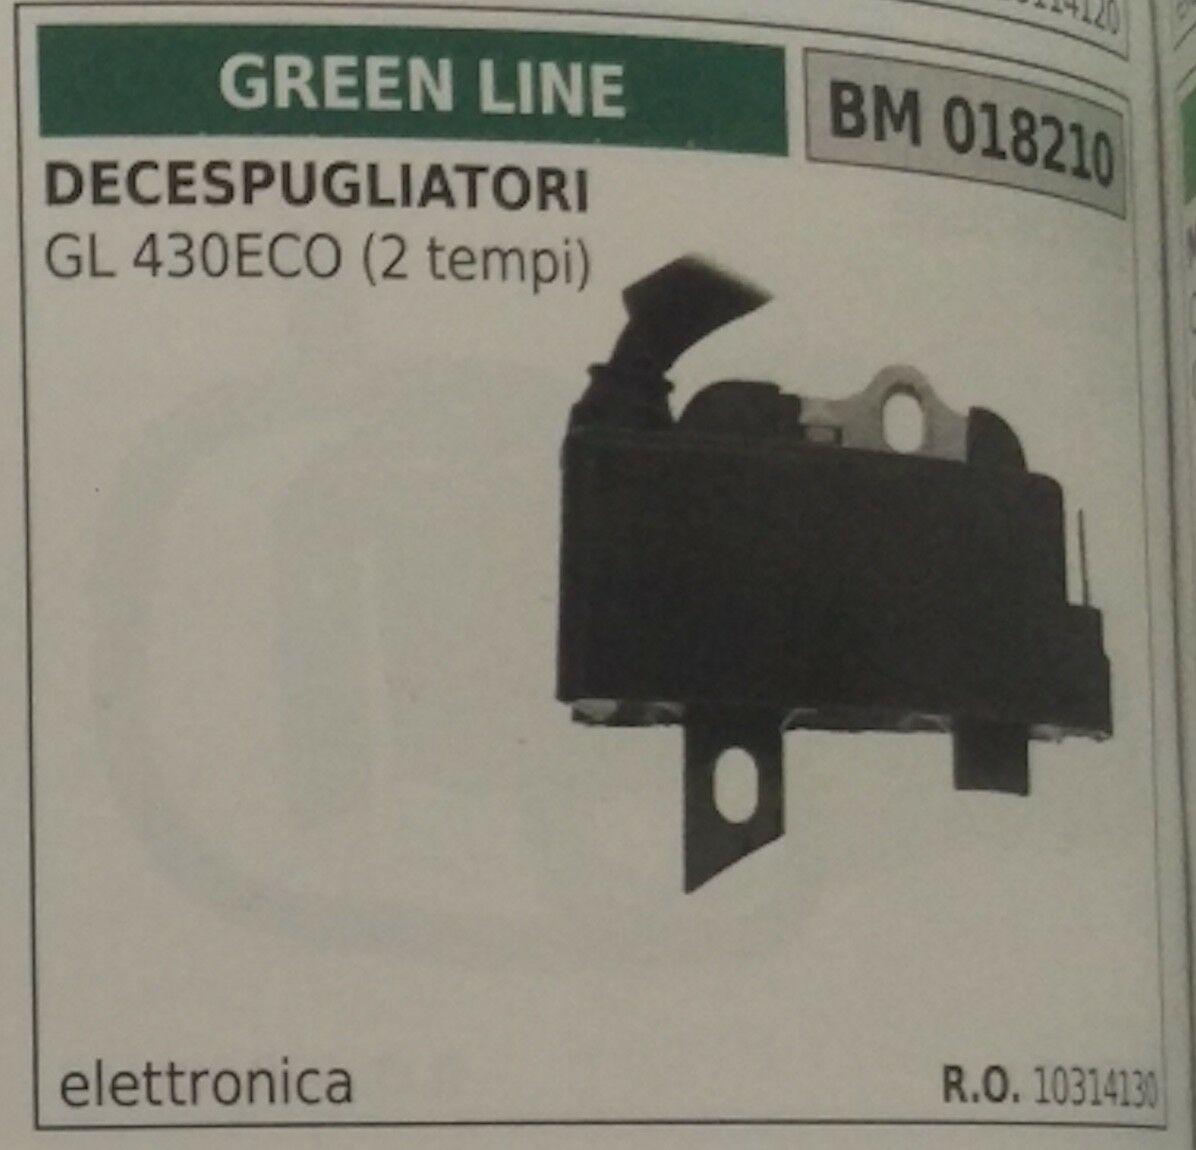 10314130 Bobina Electrónica Cortador de Cepillo verde Line Gl 430 Eco (2T)